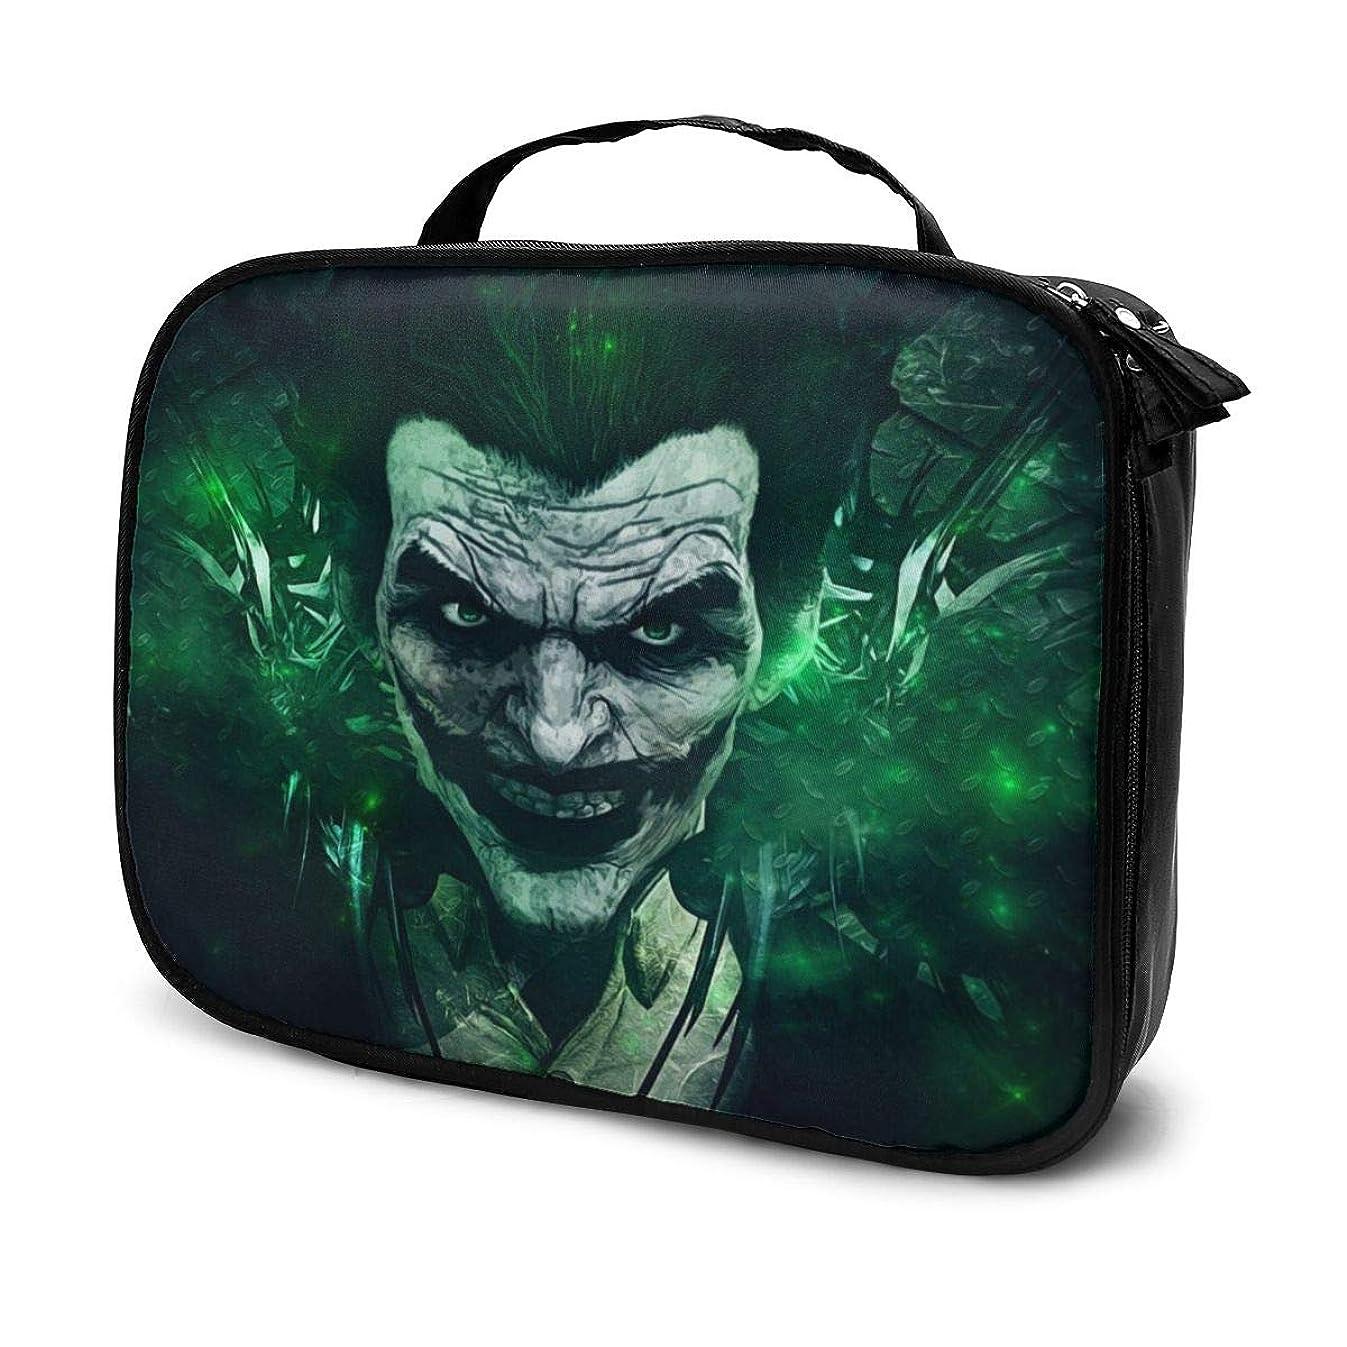 ブラウザ咳古風な化粧ポーチ Joker笑う 女性化粧品バッグ ビューティー メイク道具 フェイスケアツール 化粧ポーチメイクボックス ホーム、旅行、ショッピング、ショッピング